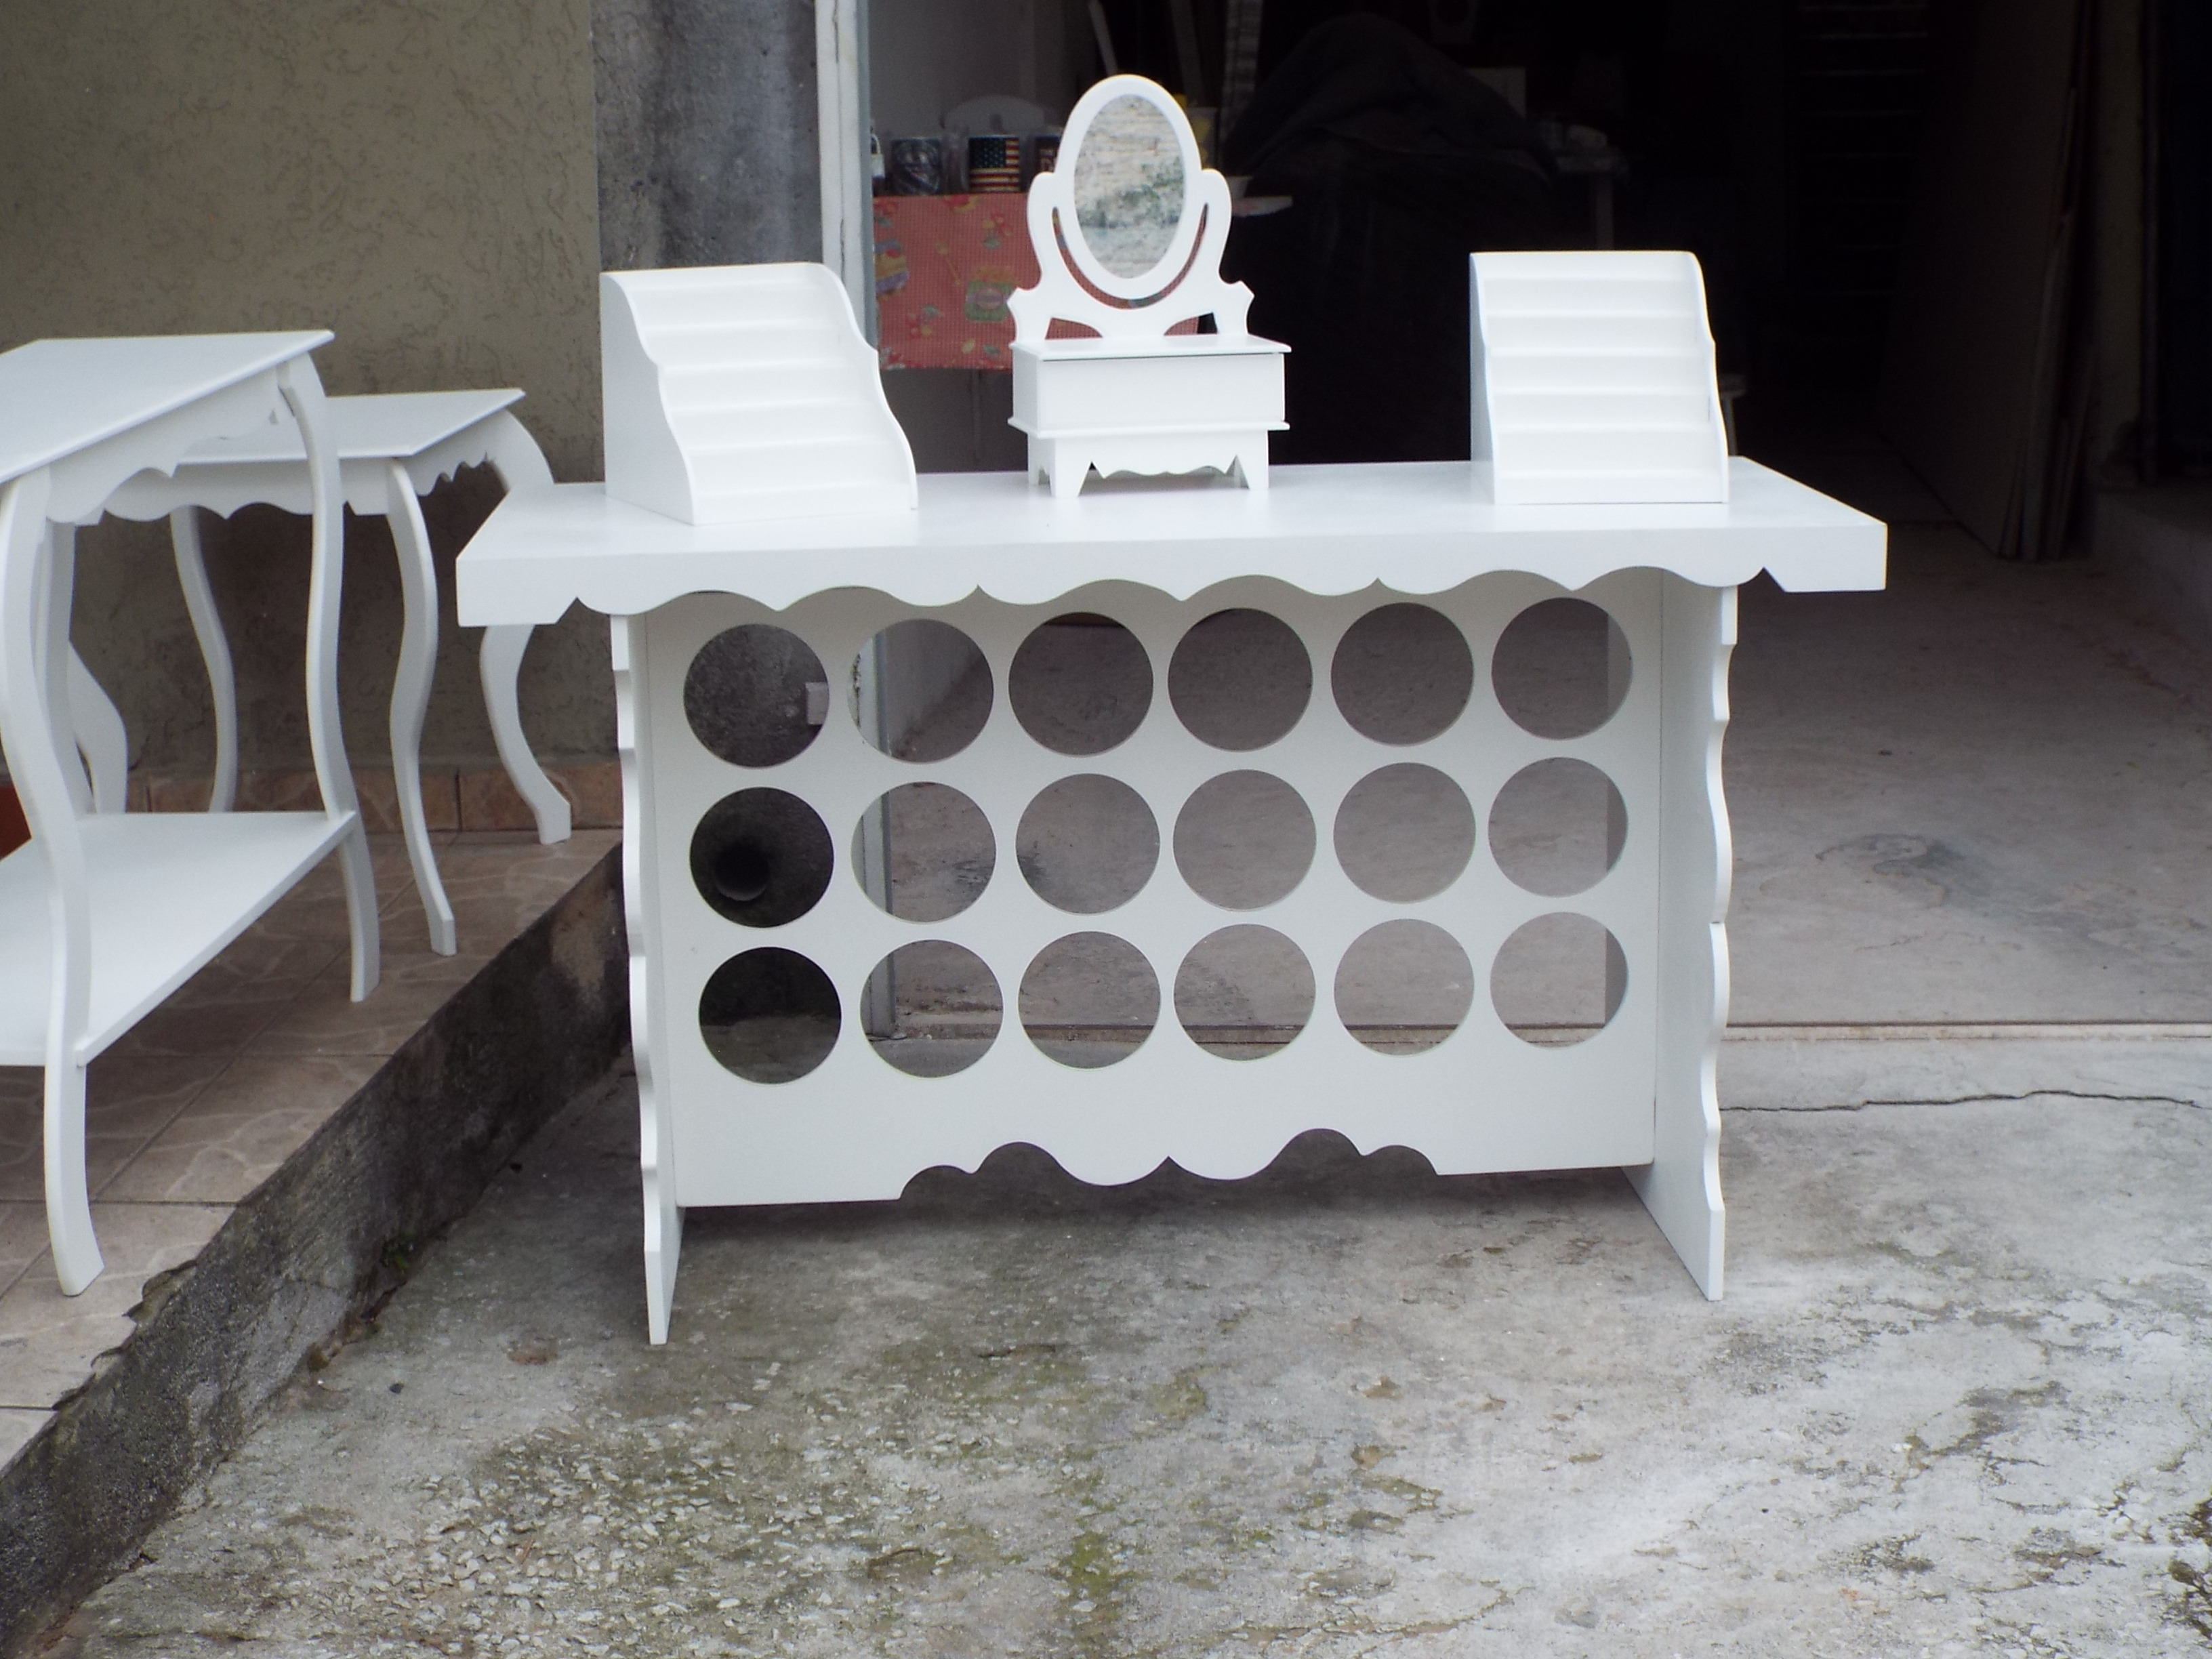 Mesa para decoração de festas OPHICINA DE ARTES EM MDF Elo7 #5F4F49 3264x2448